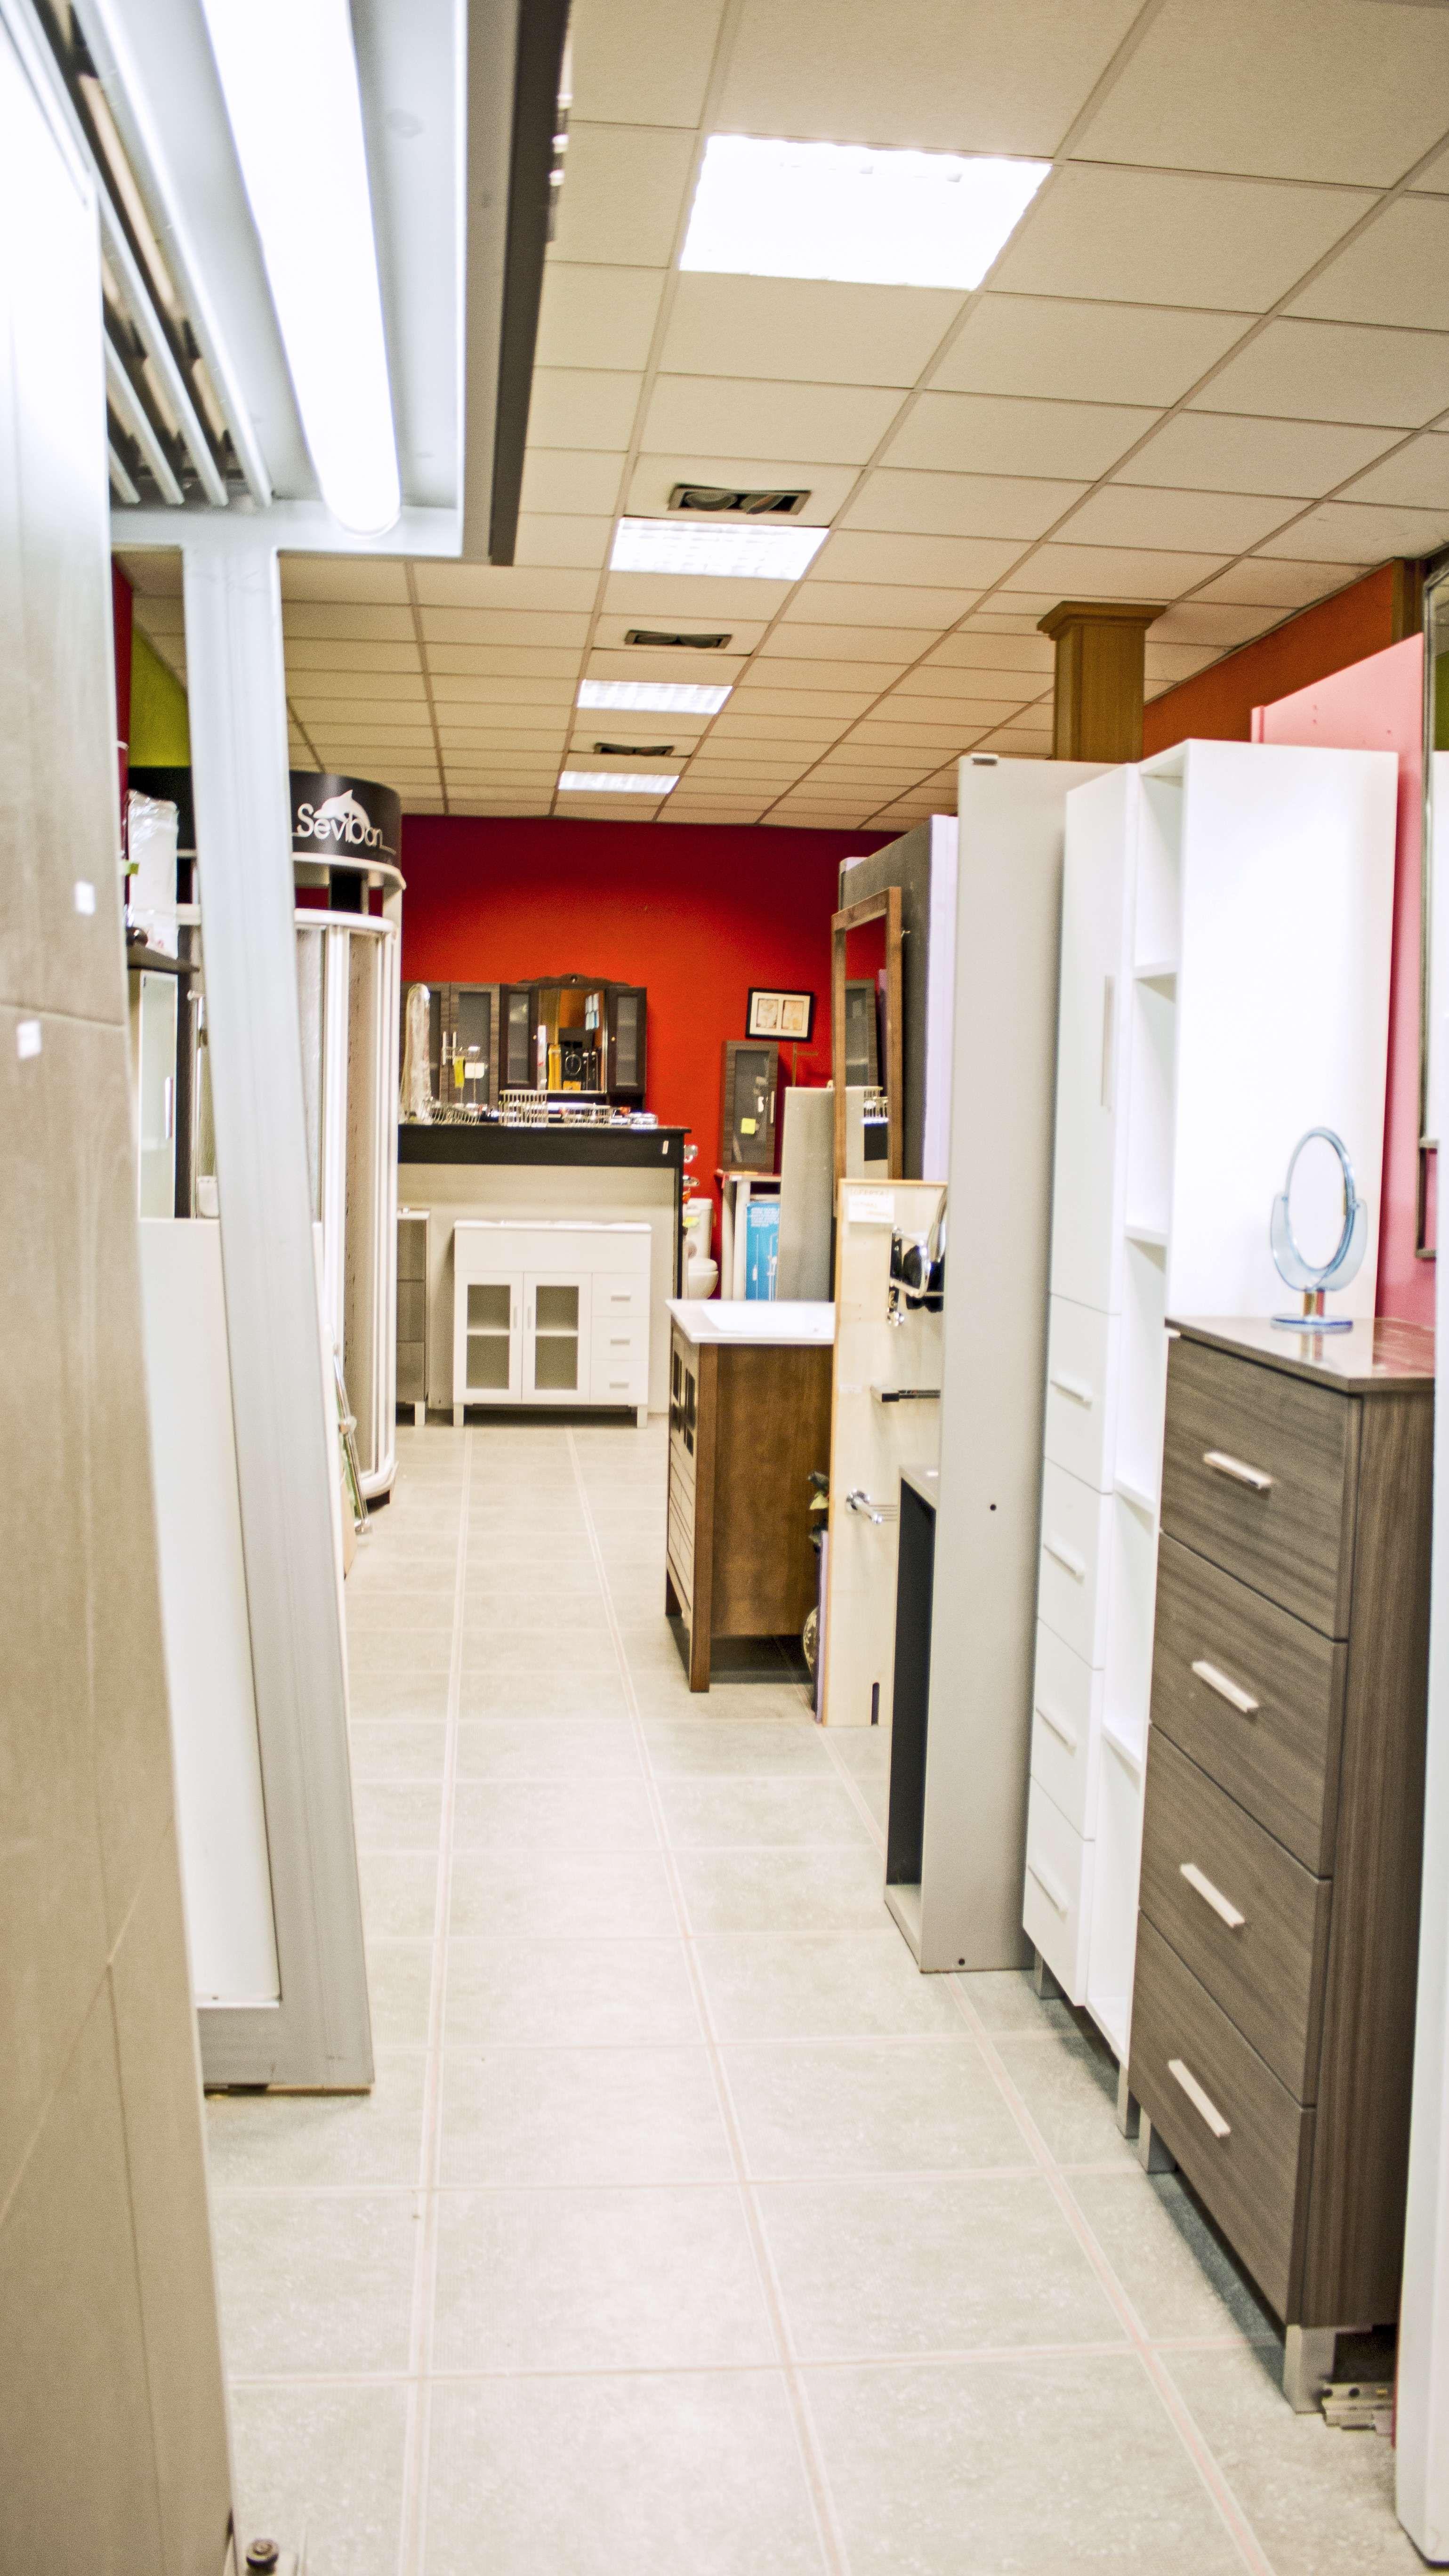 Muebles de baño y cocina y materiales de construcción en Lugo